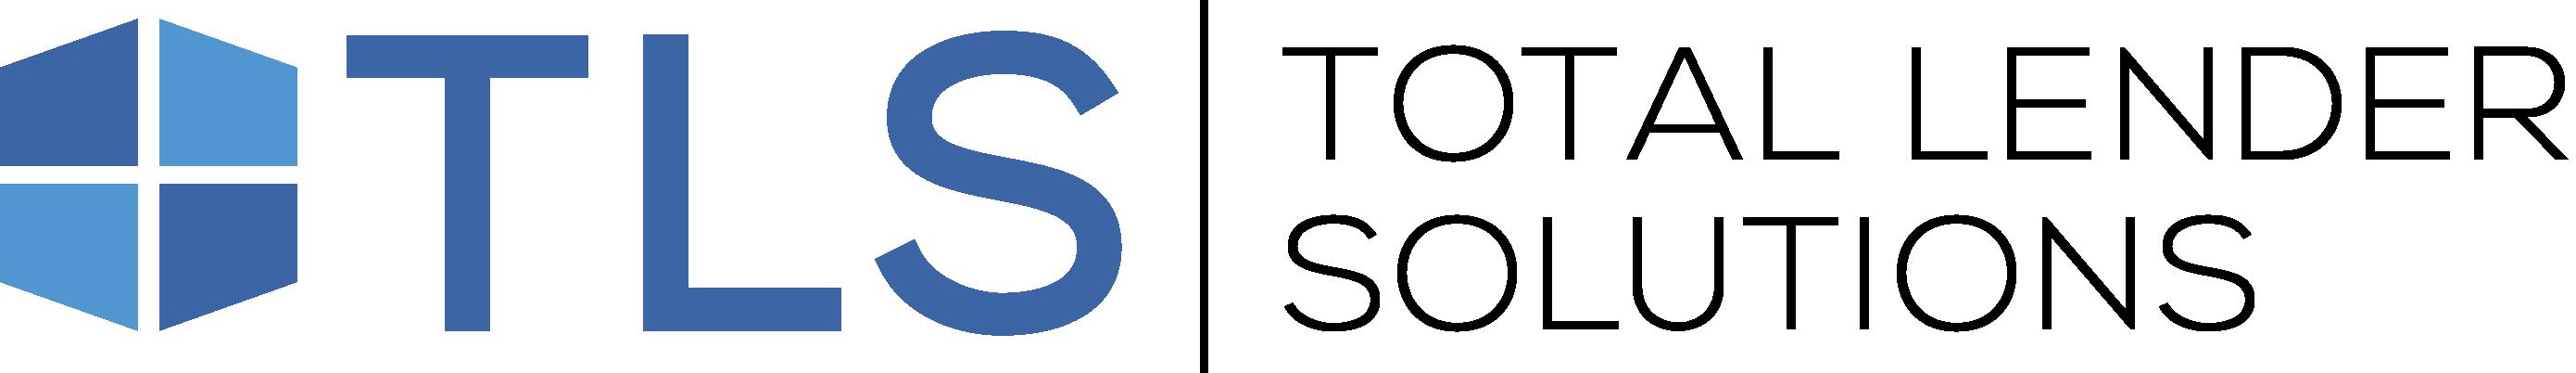 Total Lender Solutions logo